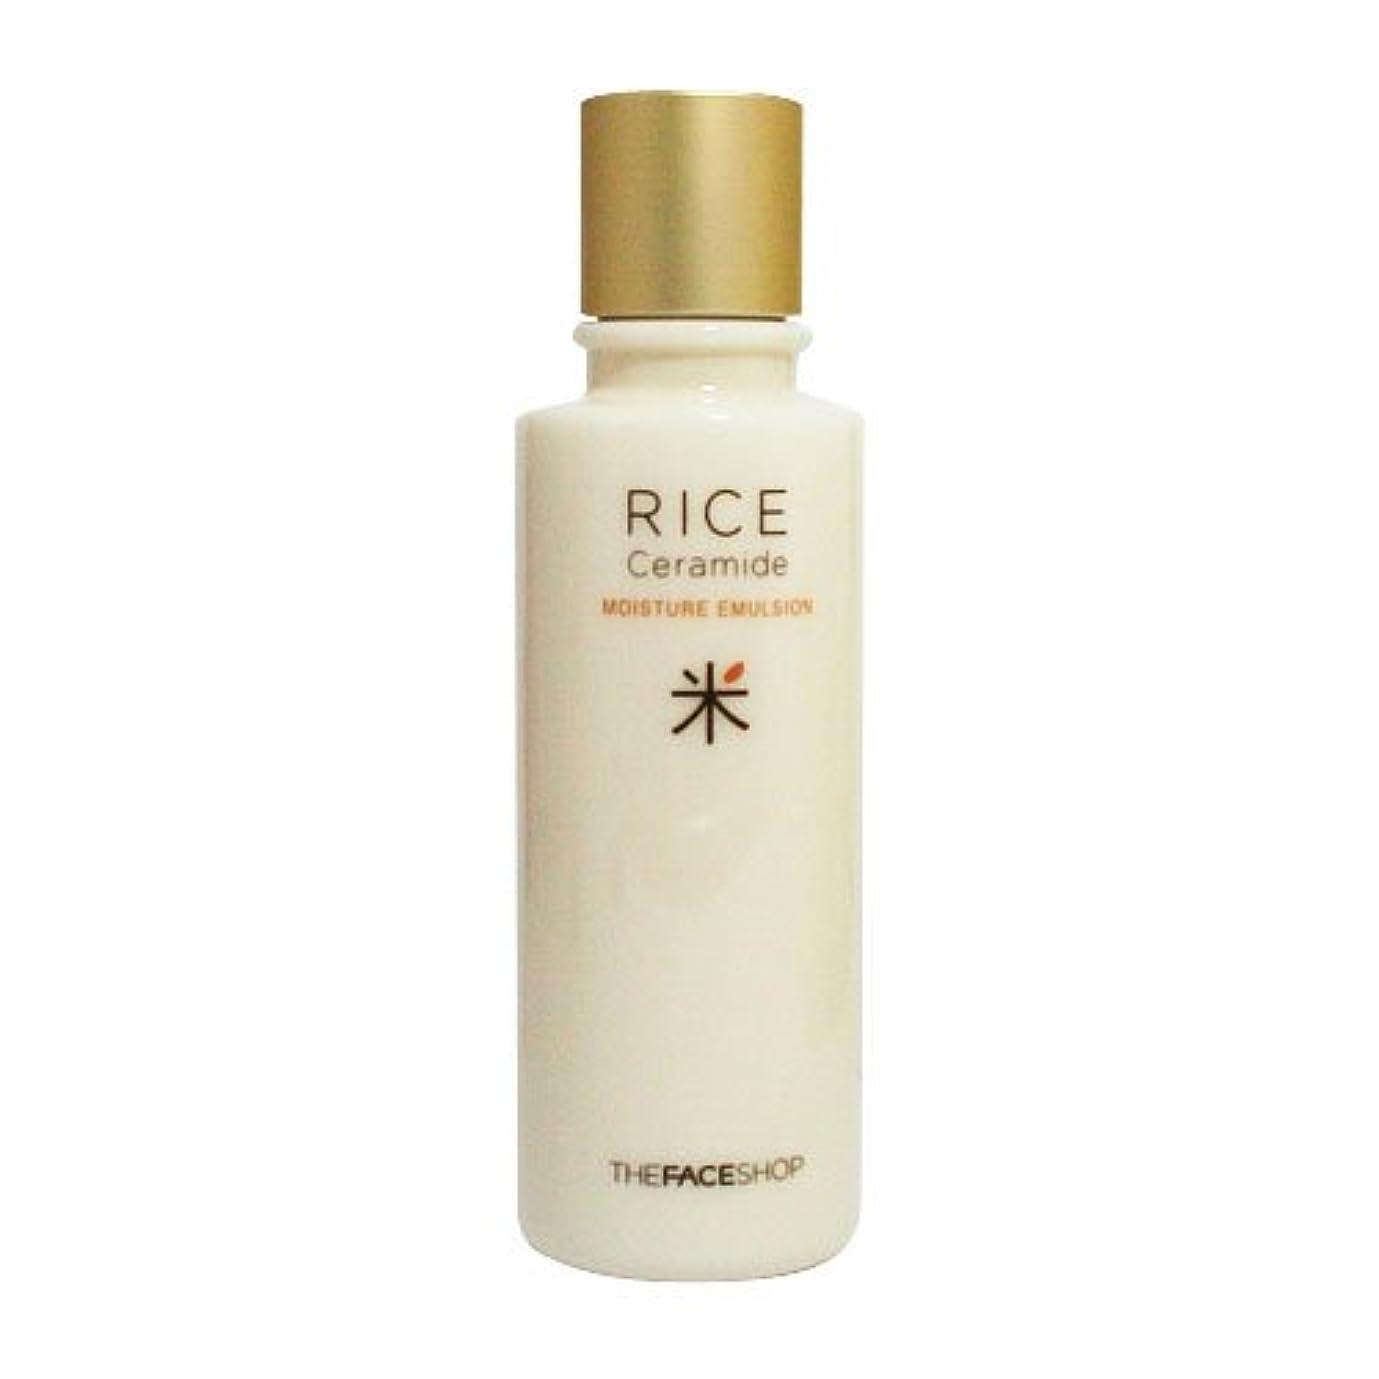 悲鳴凶暴なズボン[ザ?フェイスショップ] The Face Shop ライス&セラミド モイスチャーエマルジョン Rice & Ceramide Moisture Emulsion [並行輸入品]